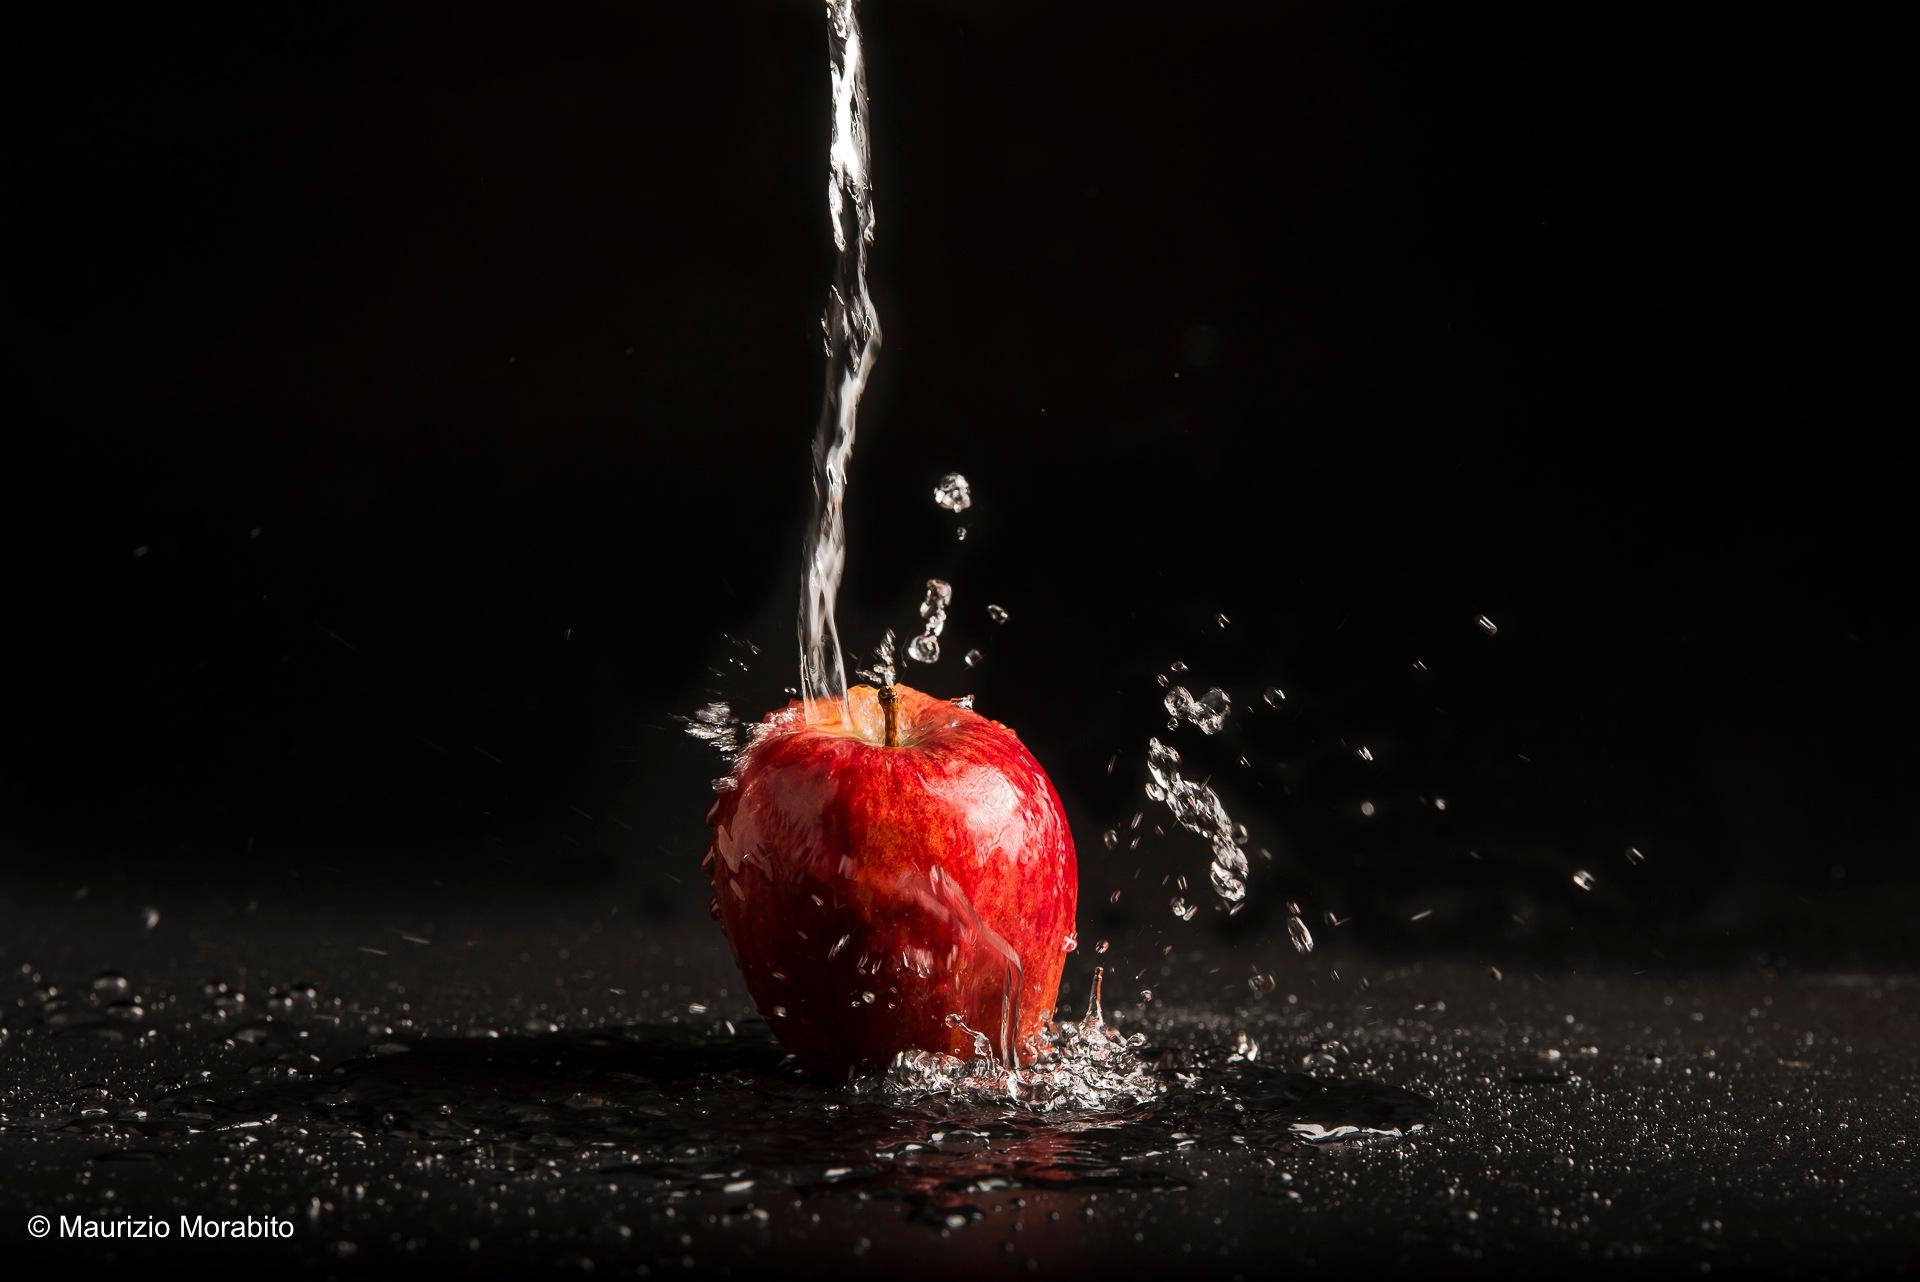 apple by maurizio.morabito.50